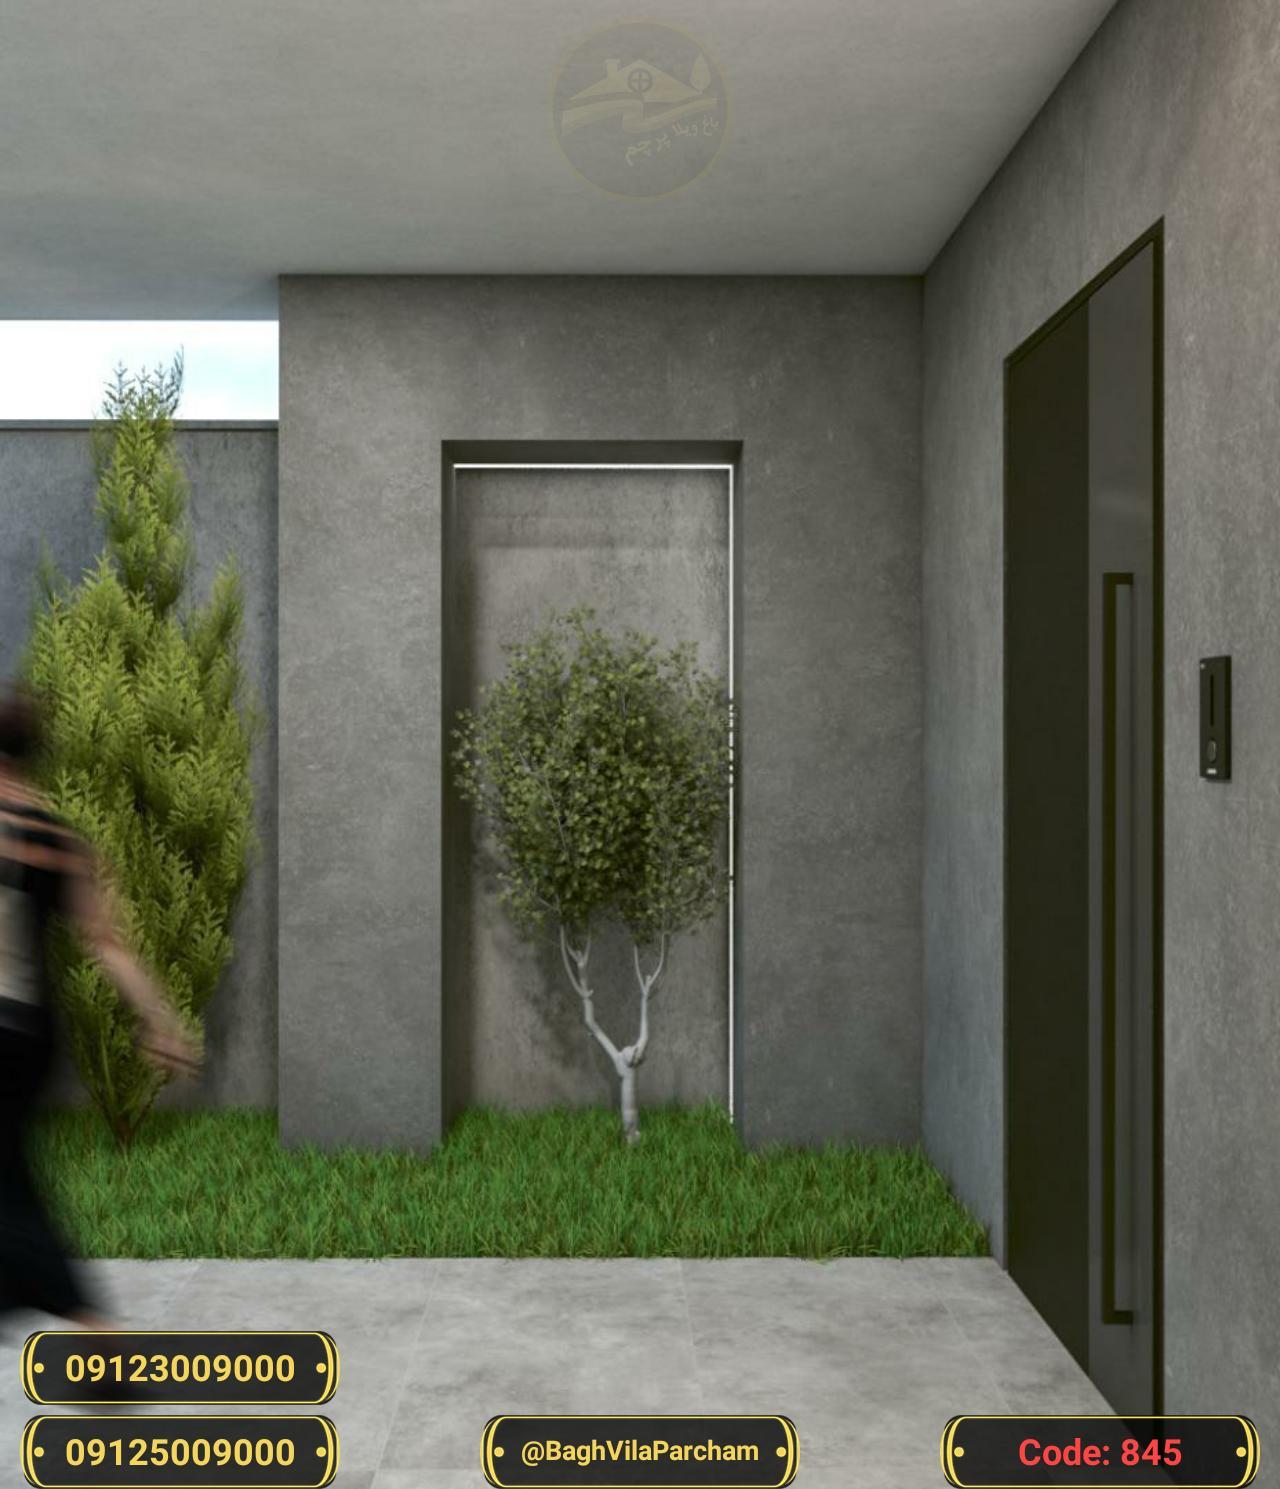 تصویر عکس باغ ویلا شماره 5 از ویلای ۸۳۳ متر ویلا تریبلکس فوق العاده Picture photo image 5 of ۸۳۳ متر ویلا تریبلکس فوق العاده